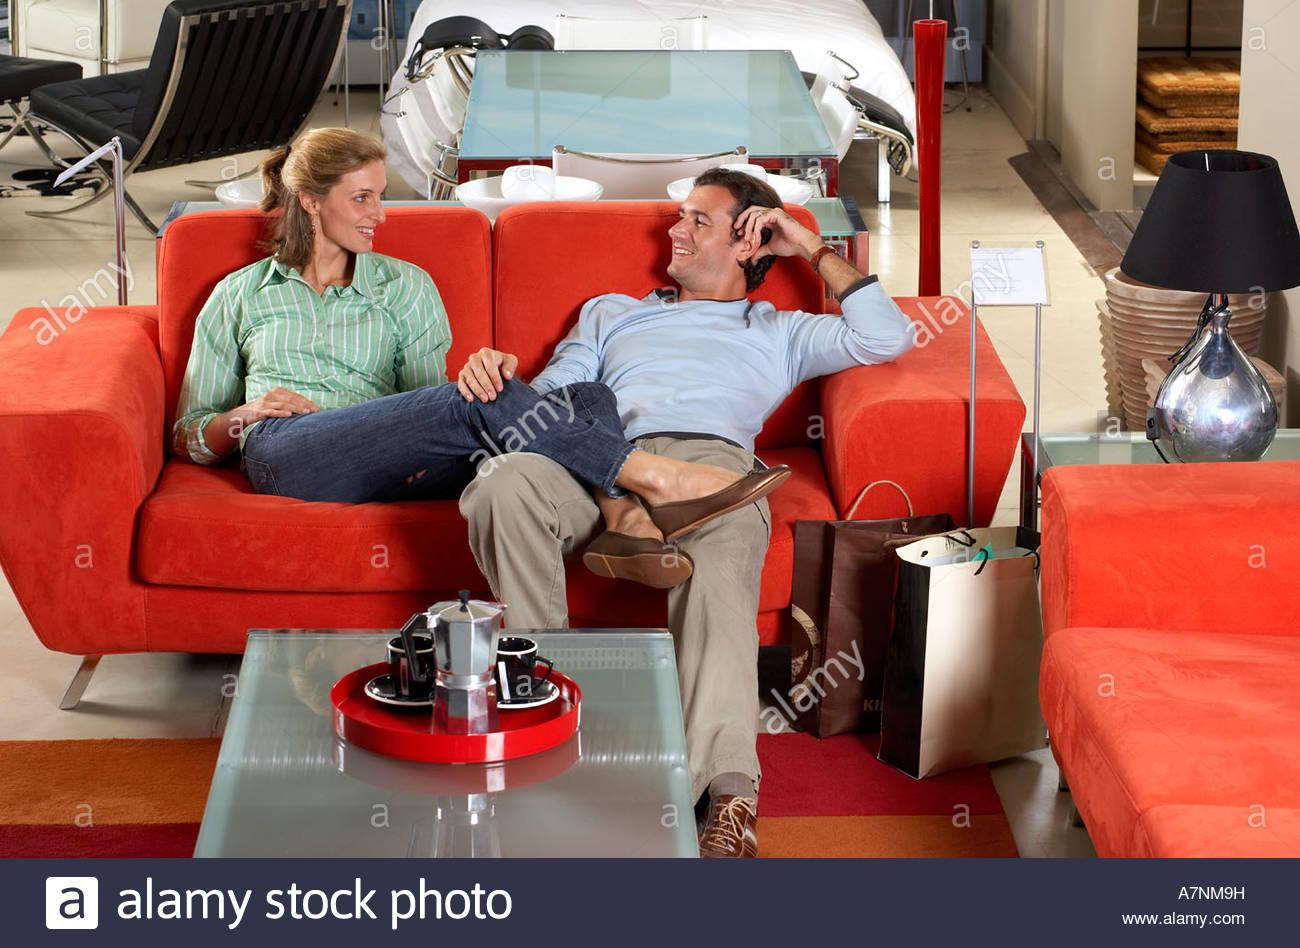 Paar Testen Neue Rotes Sofa Möbel Speichern Frau Sitzt Mit Füßen Auf Mann S  Runde Lächelnd